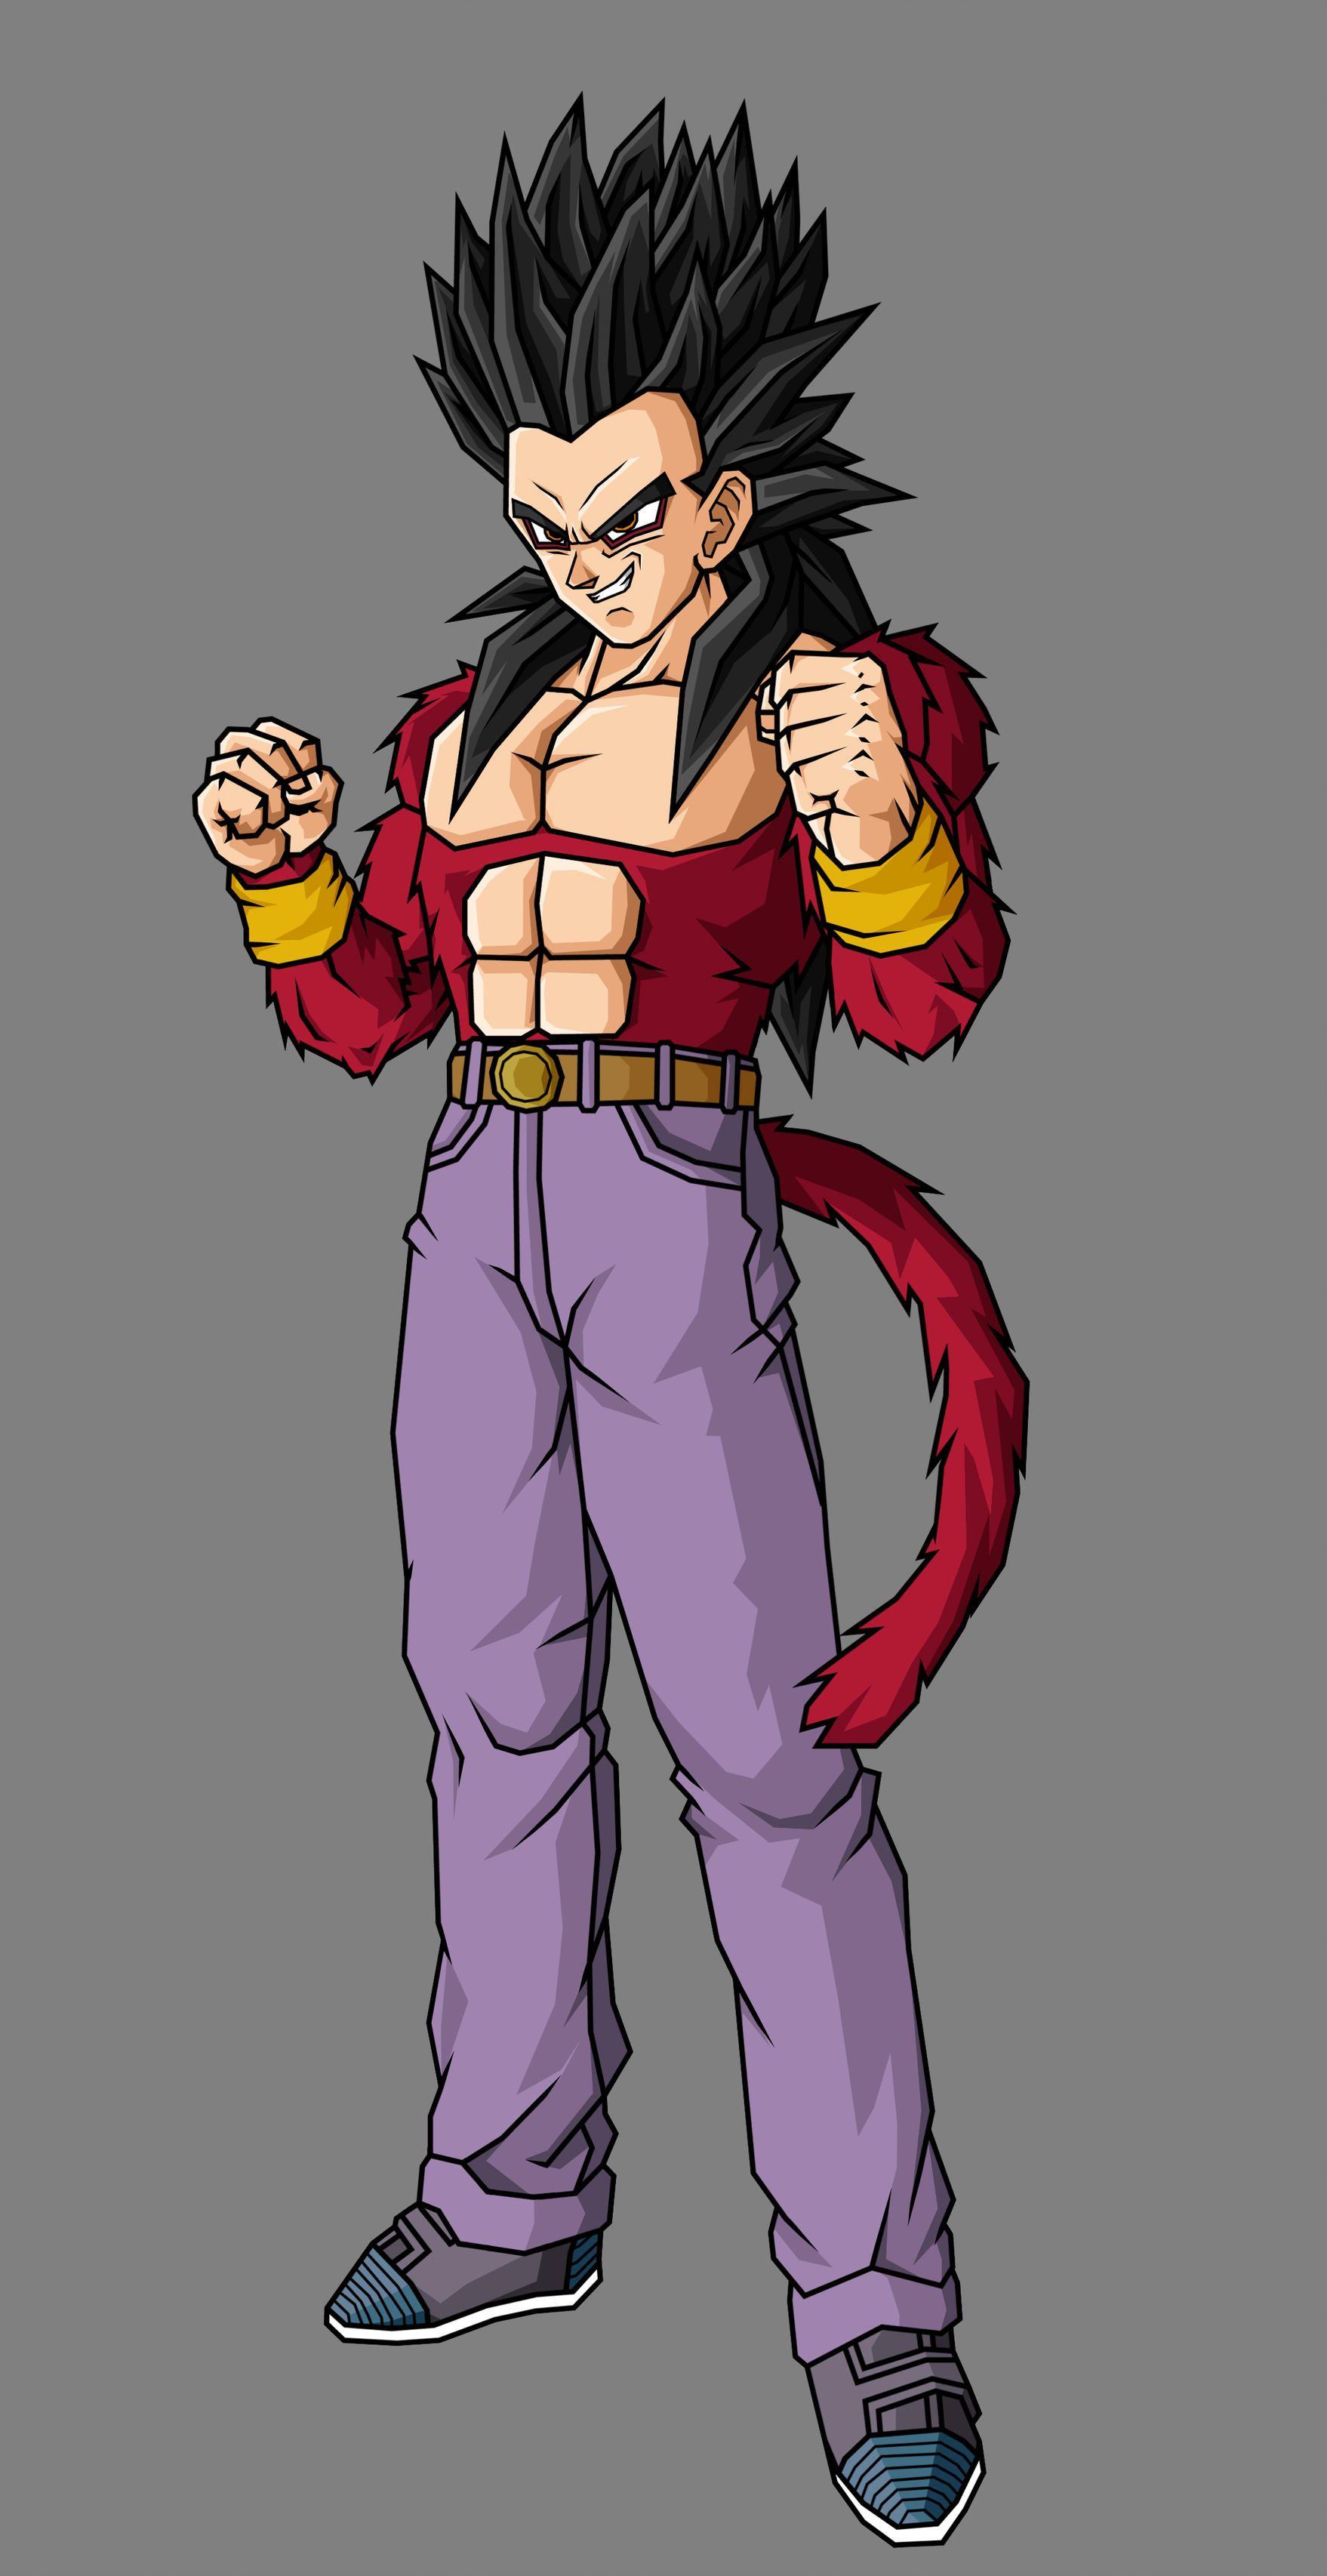 Goten Gt Ssj4 V4 By Theothersmen Anime Dragon Ball Super Dragon Ball Art Anime Dragon Ball